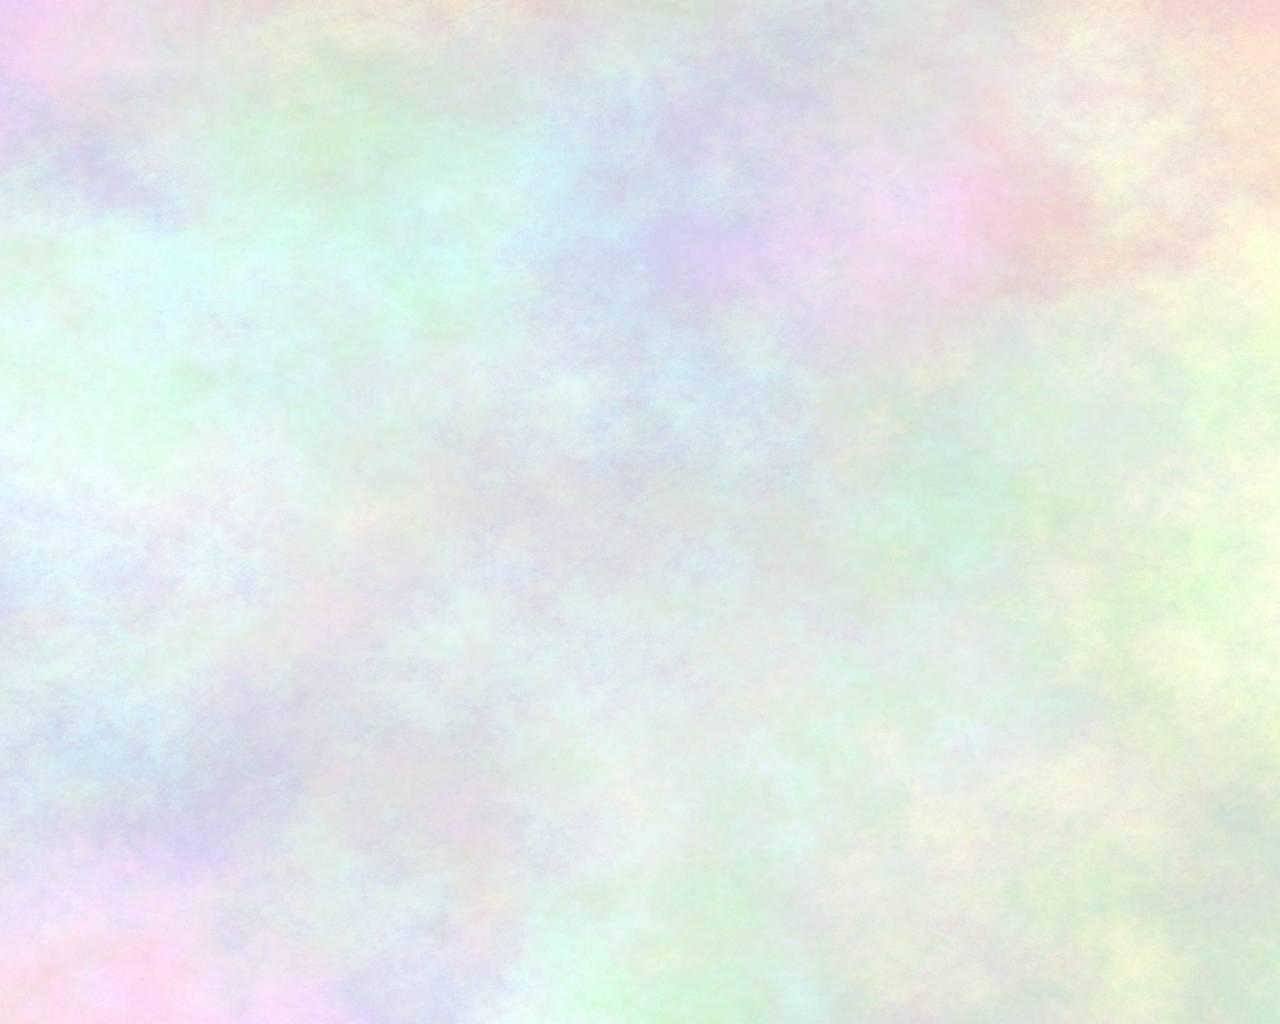 69 Pastel Colors Wallpaper On Wallpapersafari